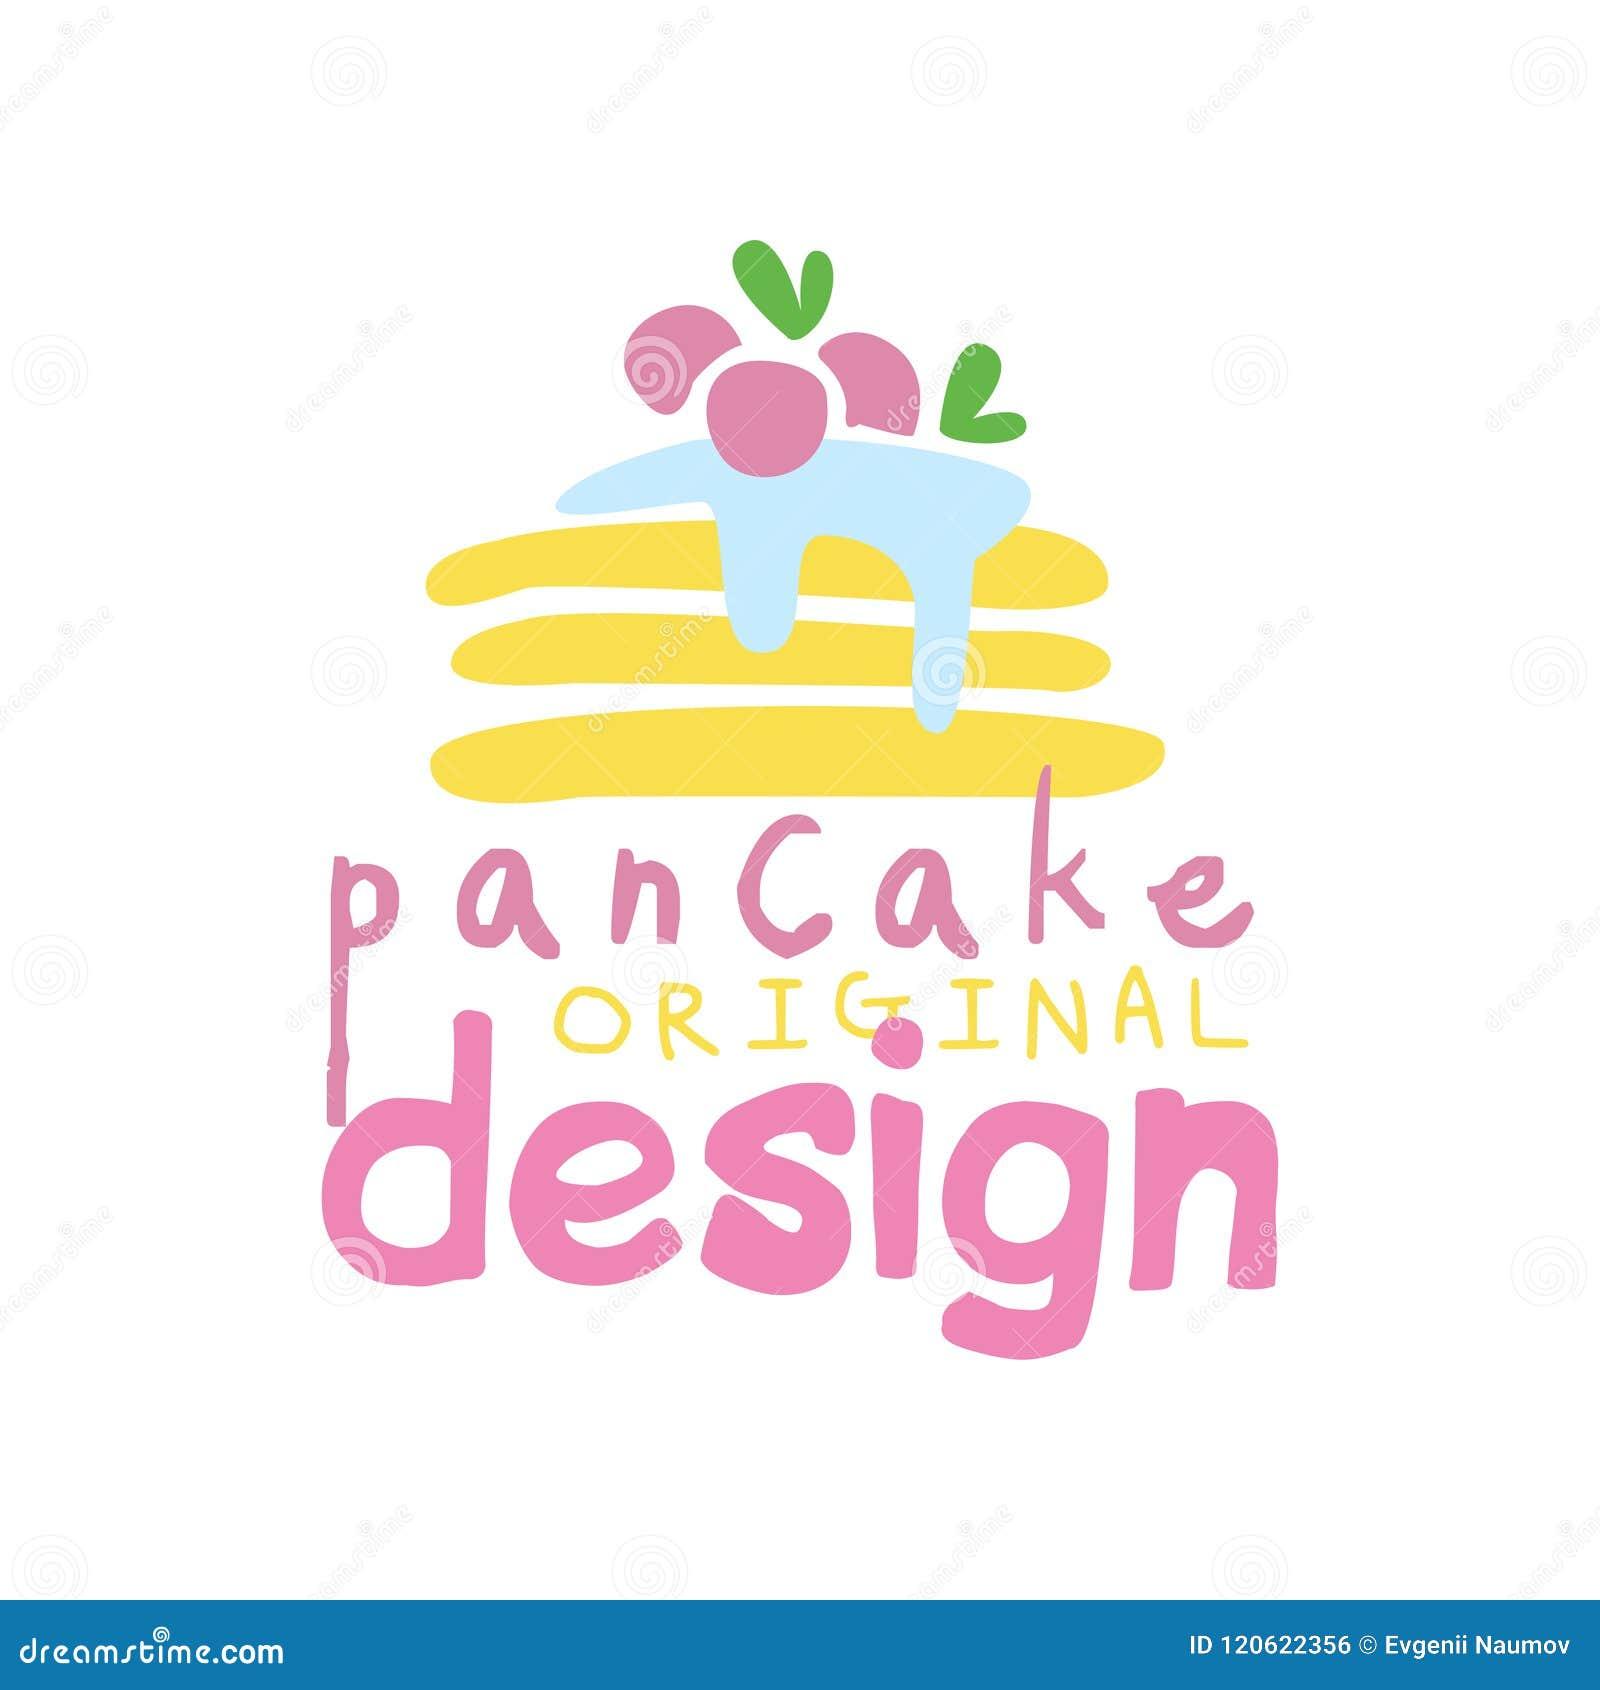 Pancake Original Logo Design, Emblem For Confectionery